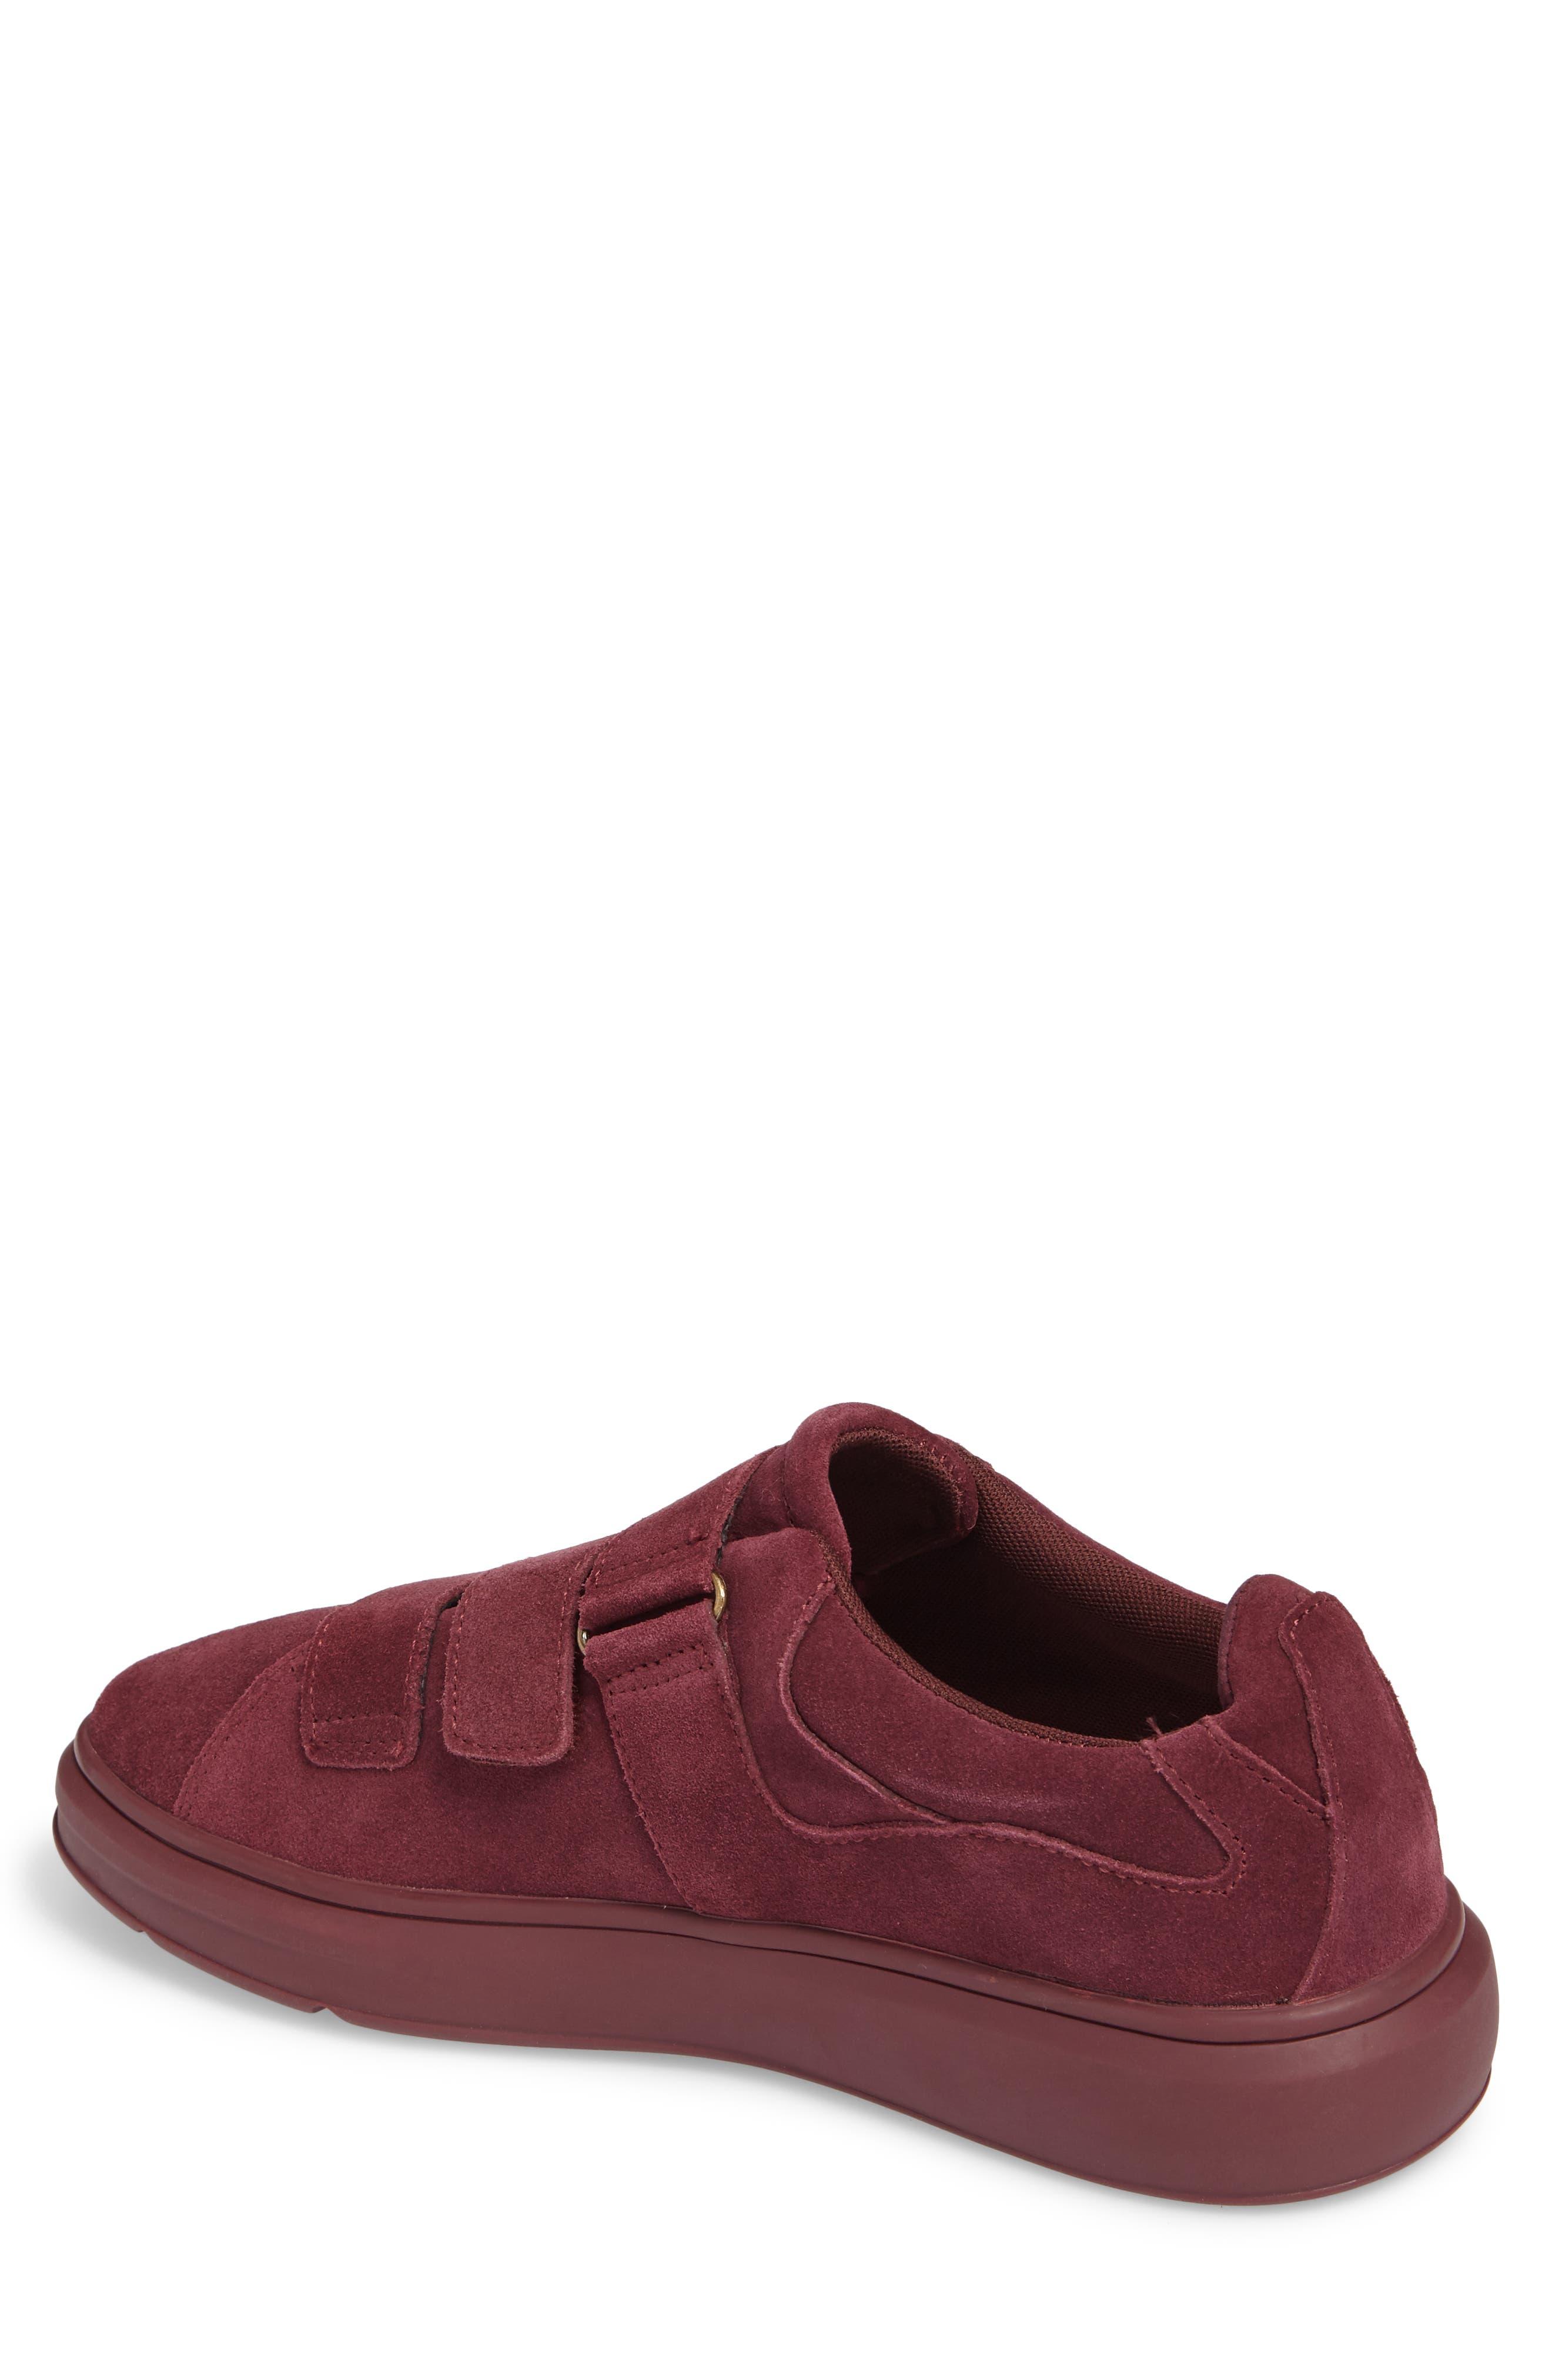 Meleti Sneaker,                             Alternate thumbnail 2, color,                             Dark Burgundy Leather